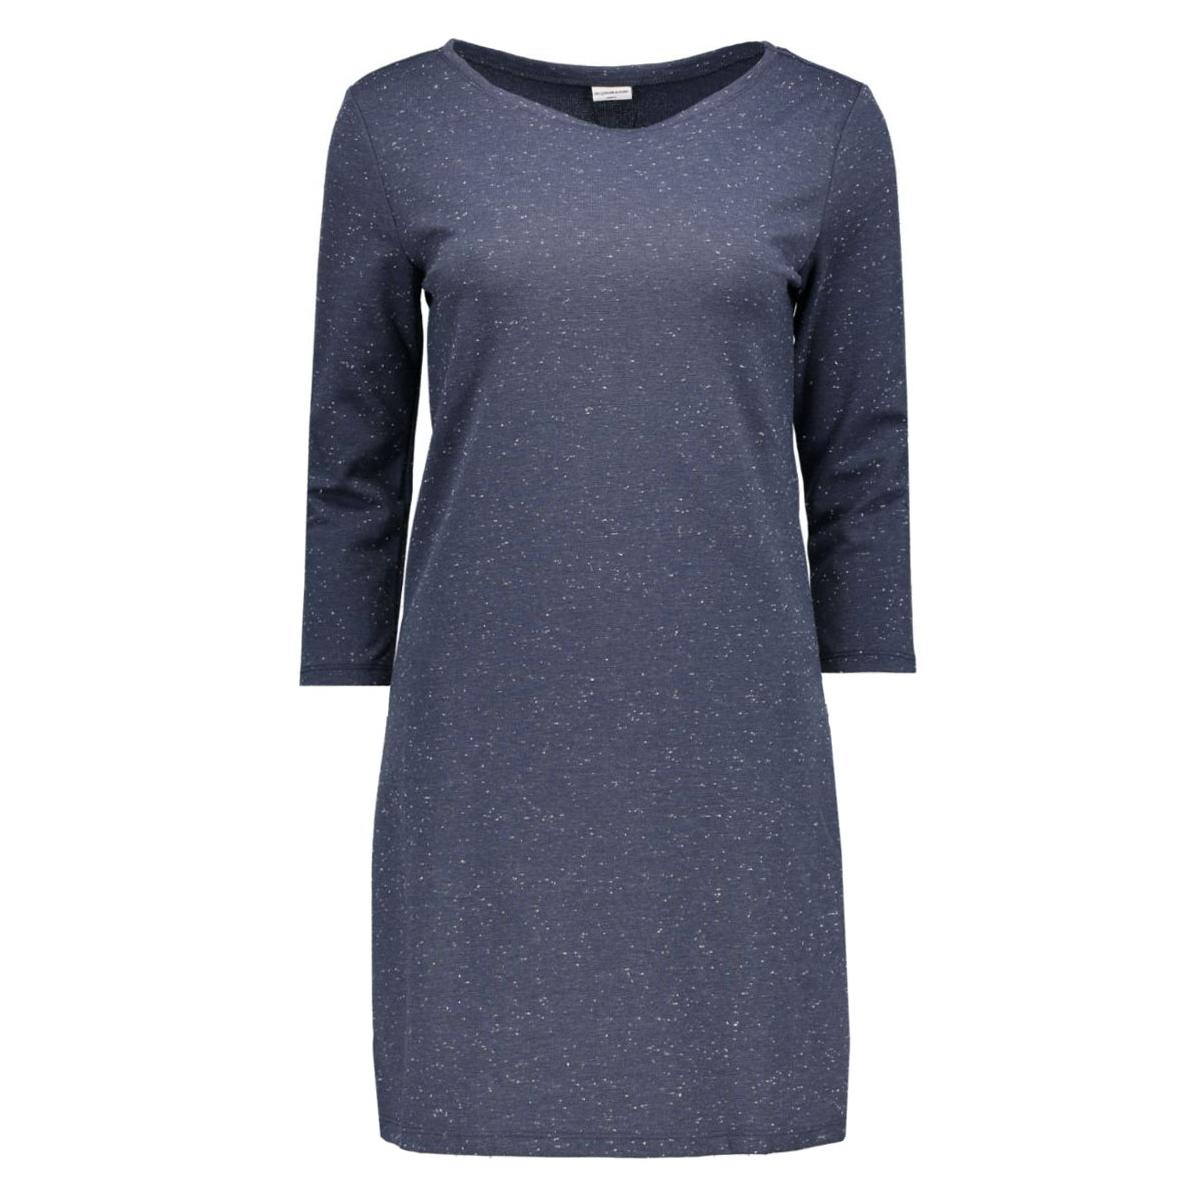 jdyaffair 3/4 dress 15117169 jacqueline de yong jurk mood indigo